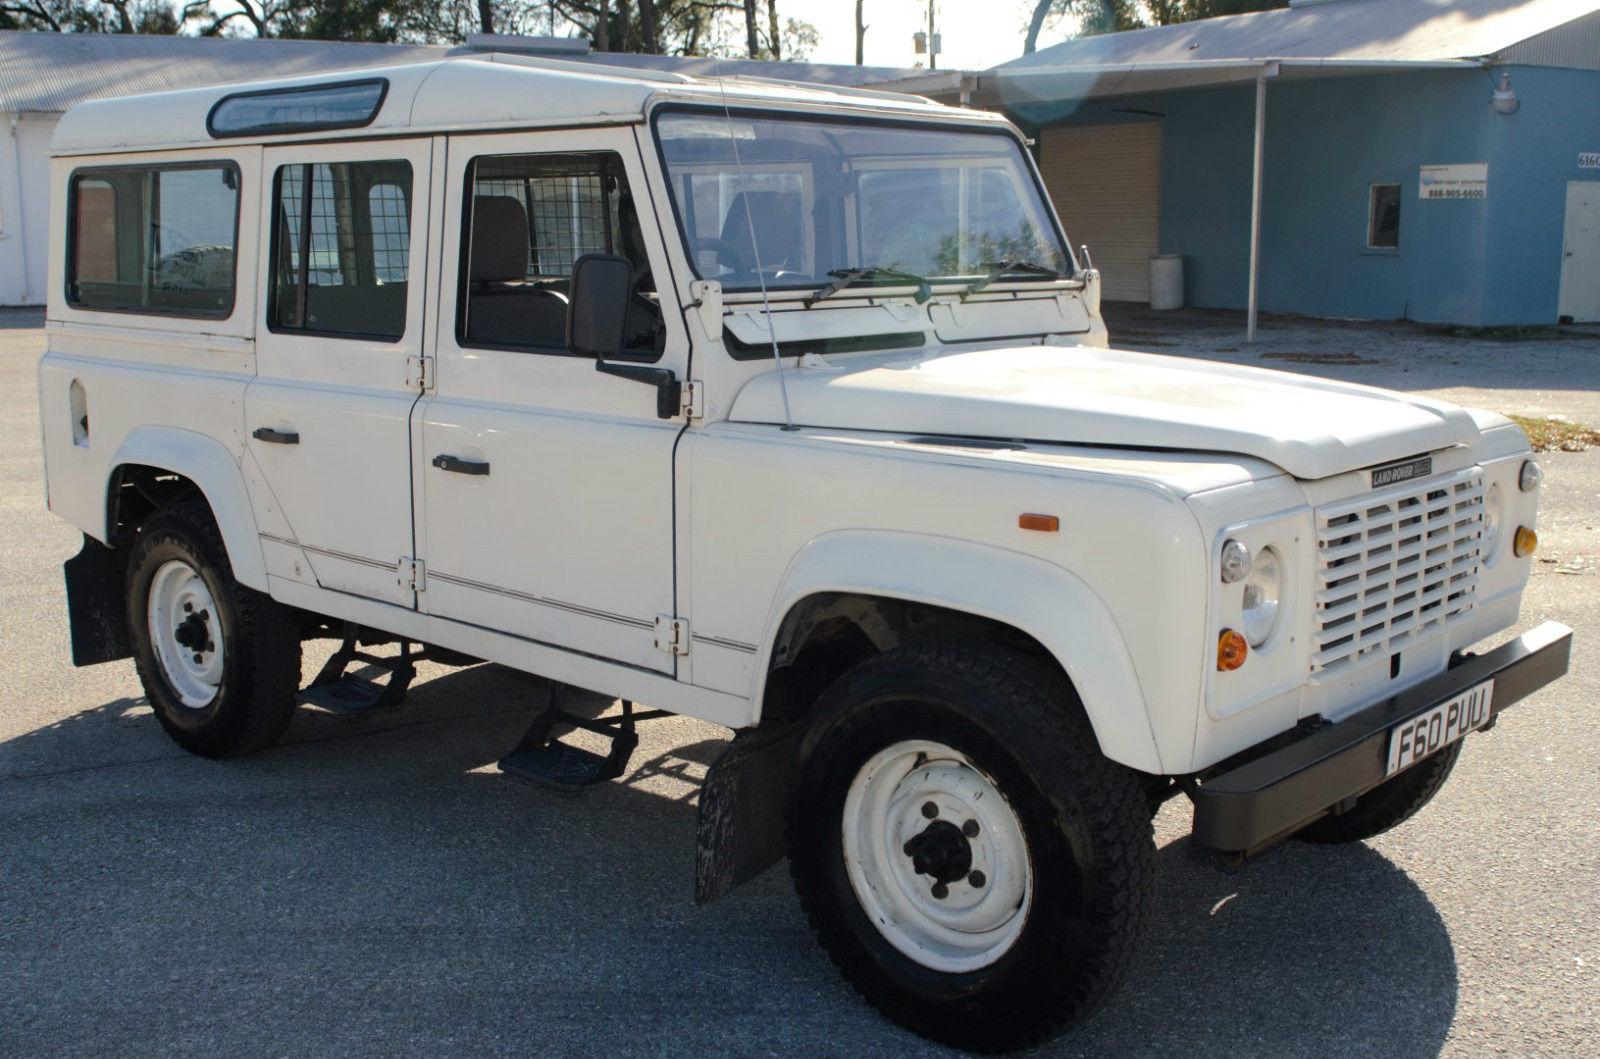 Land Rover Defender 110 v8 White for sale in Bradenton ...